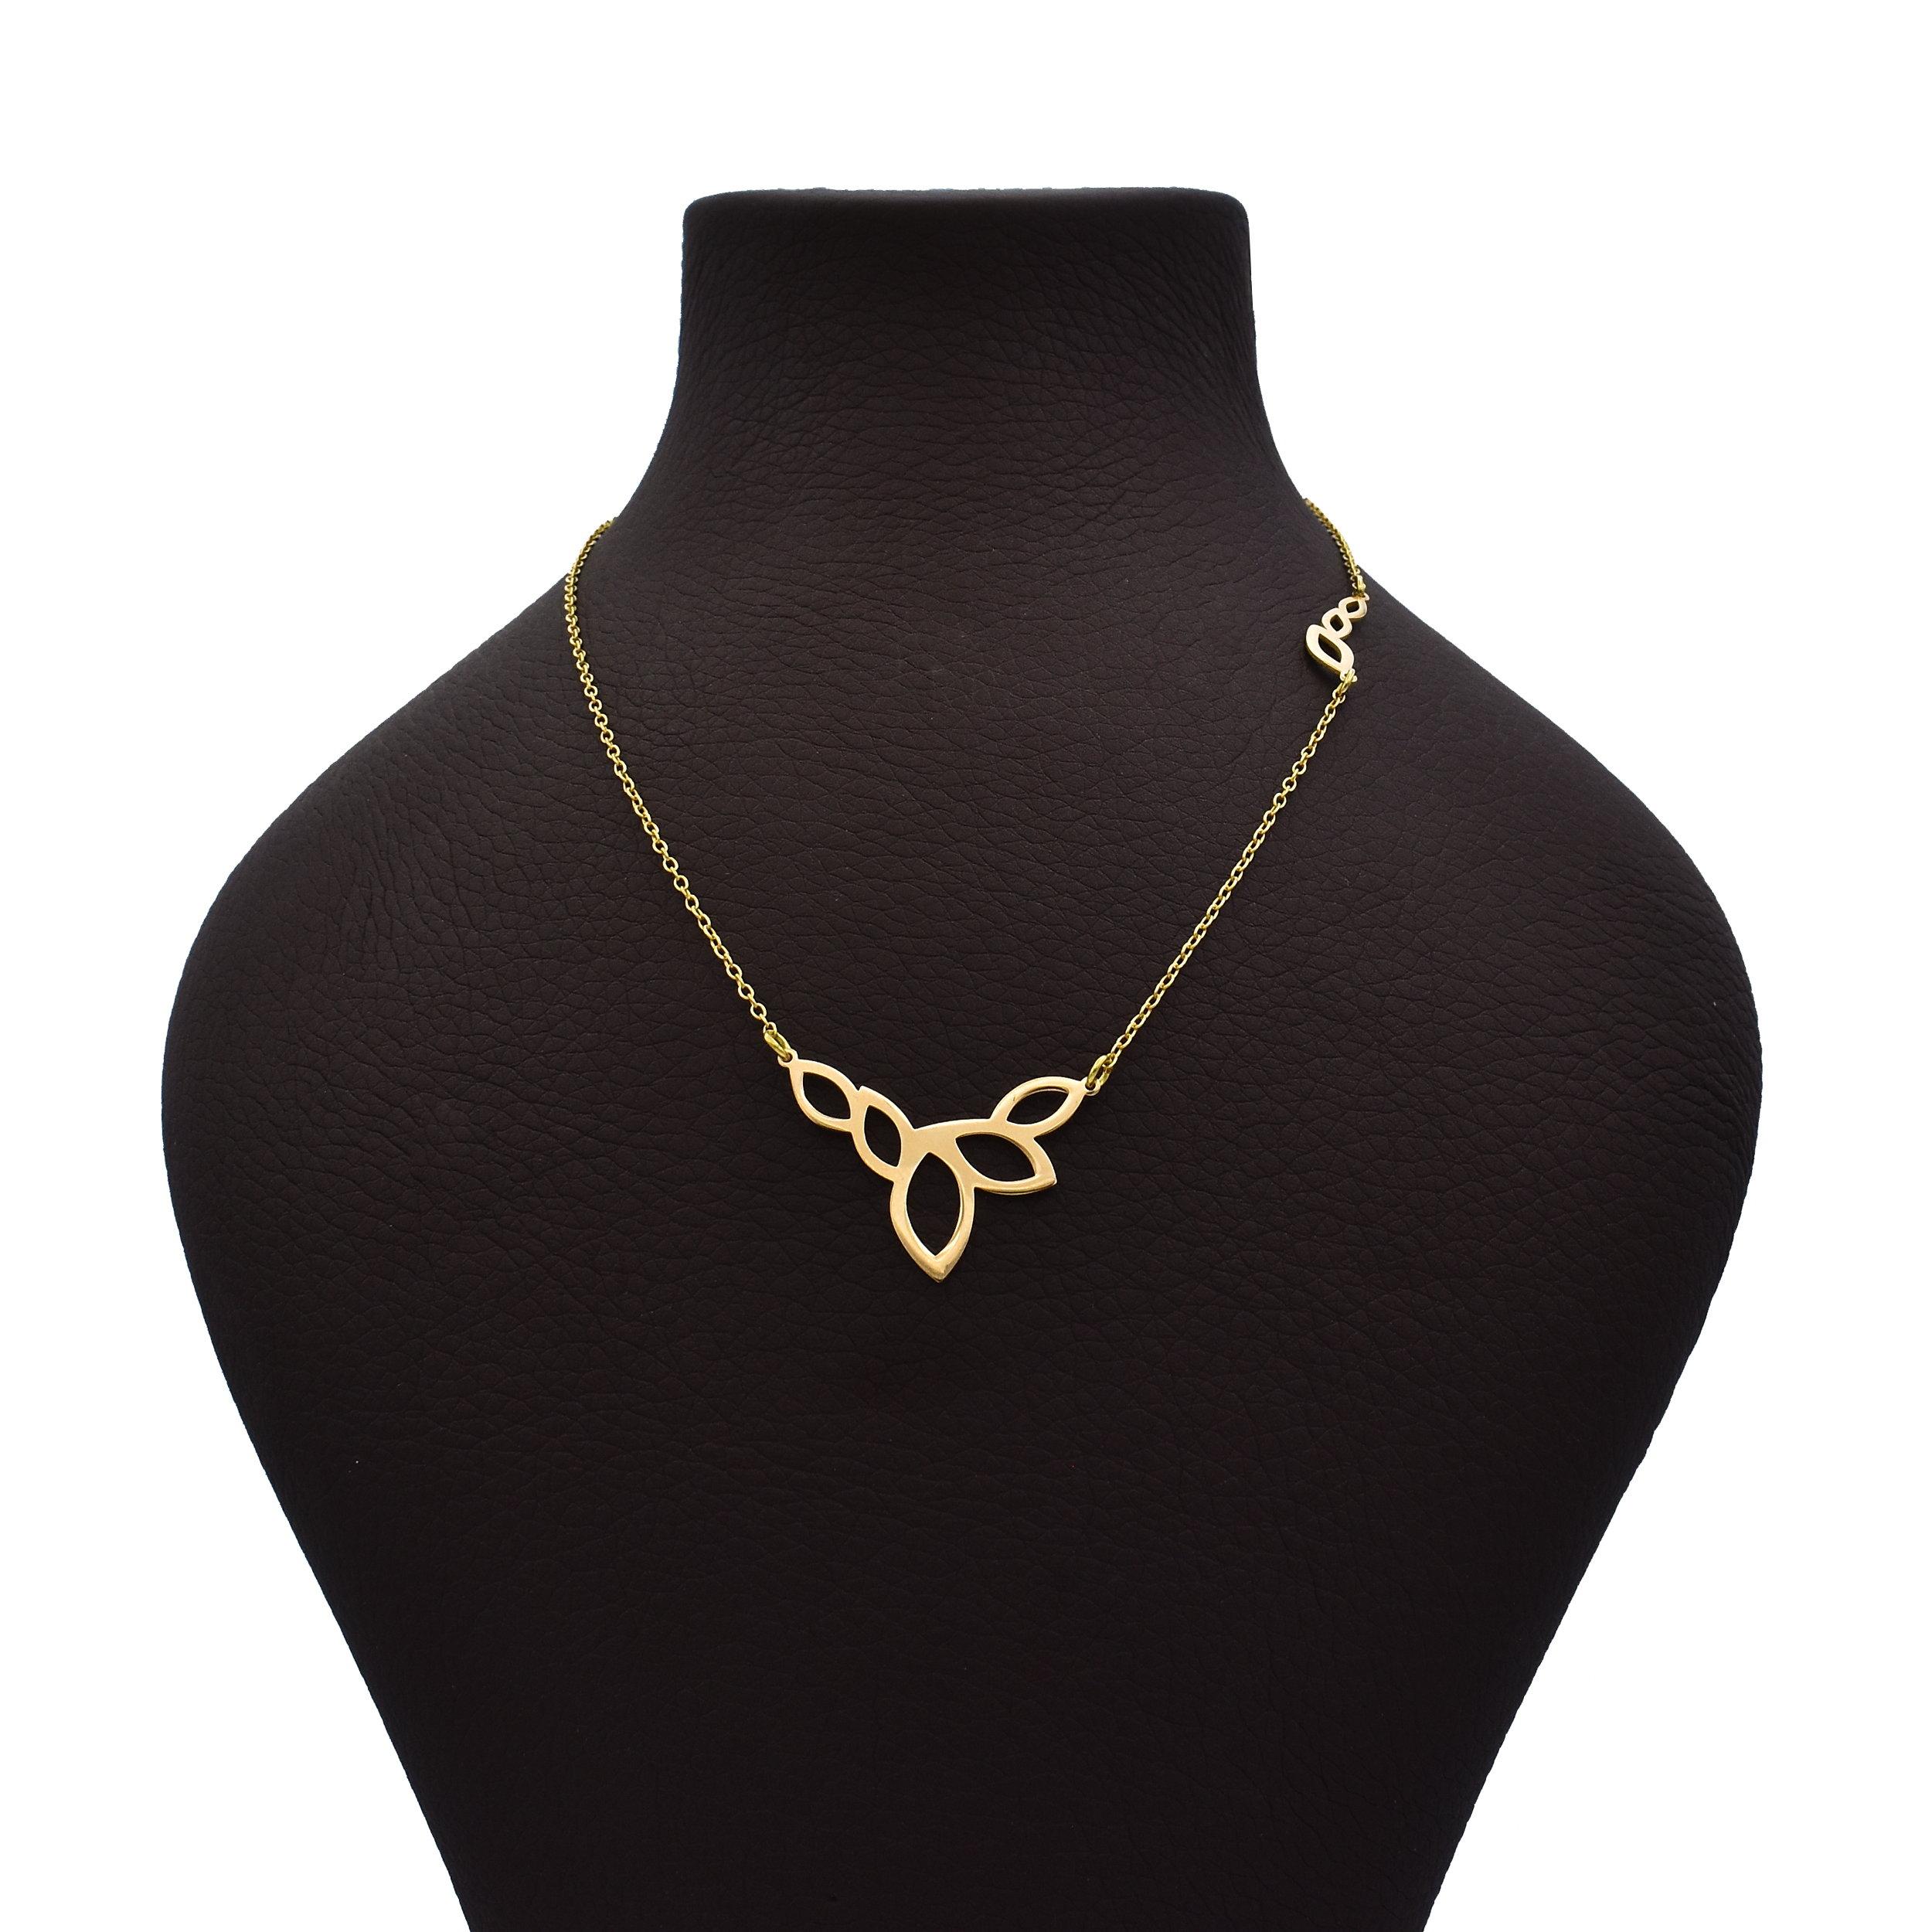 گردنبند طلا 18 عیار زنانه طرح برگ کد 372M66